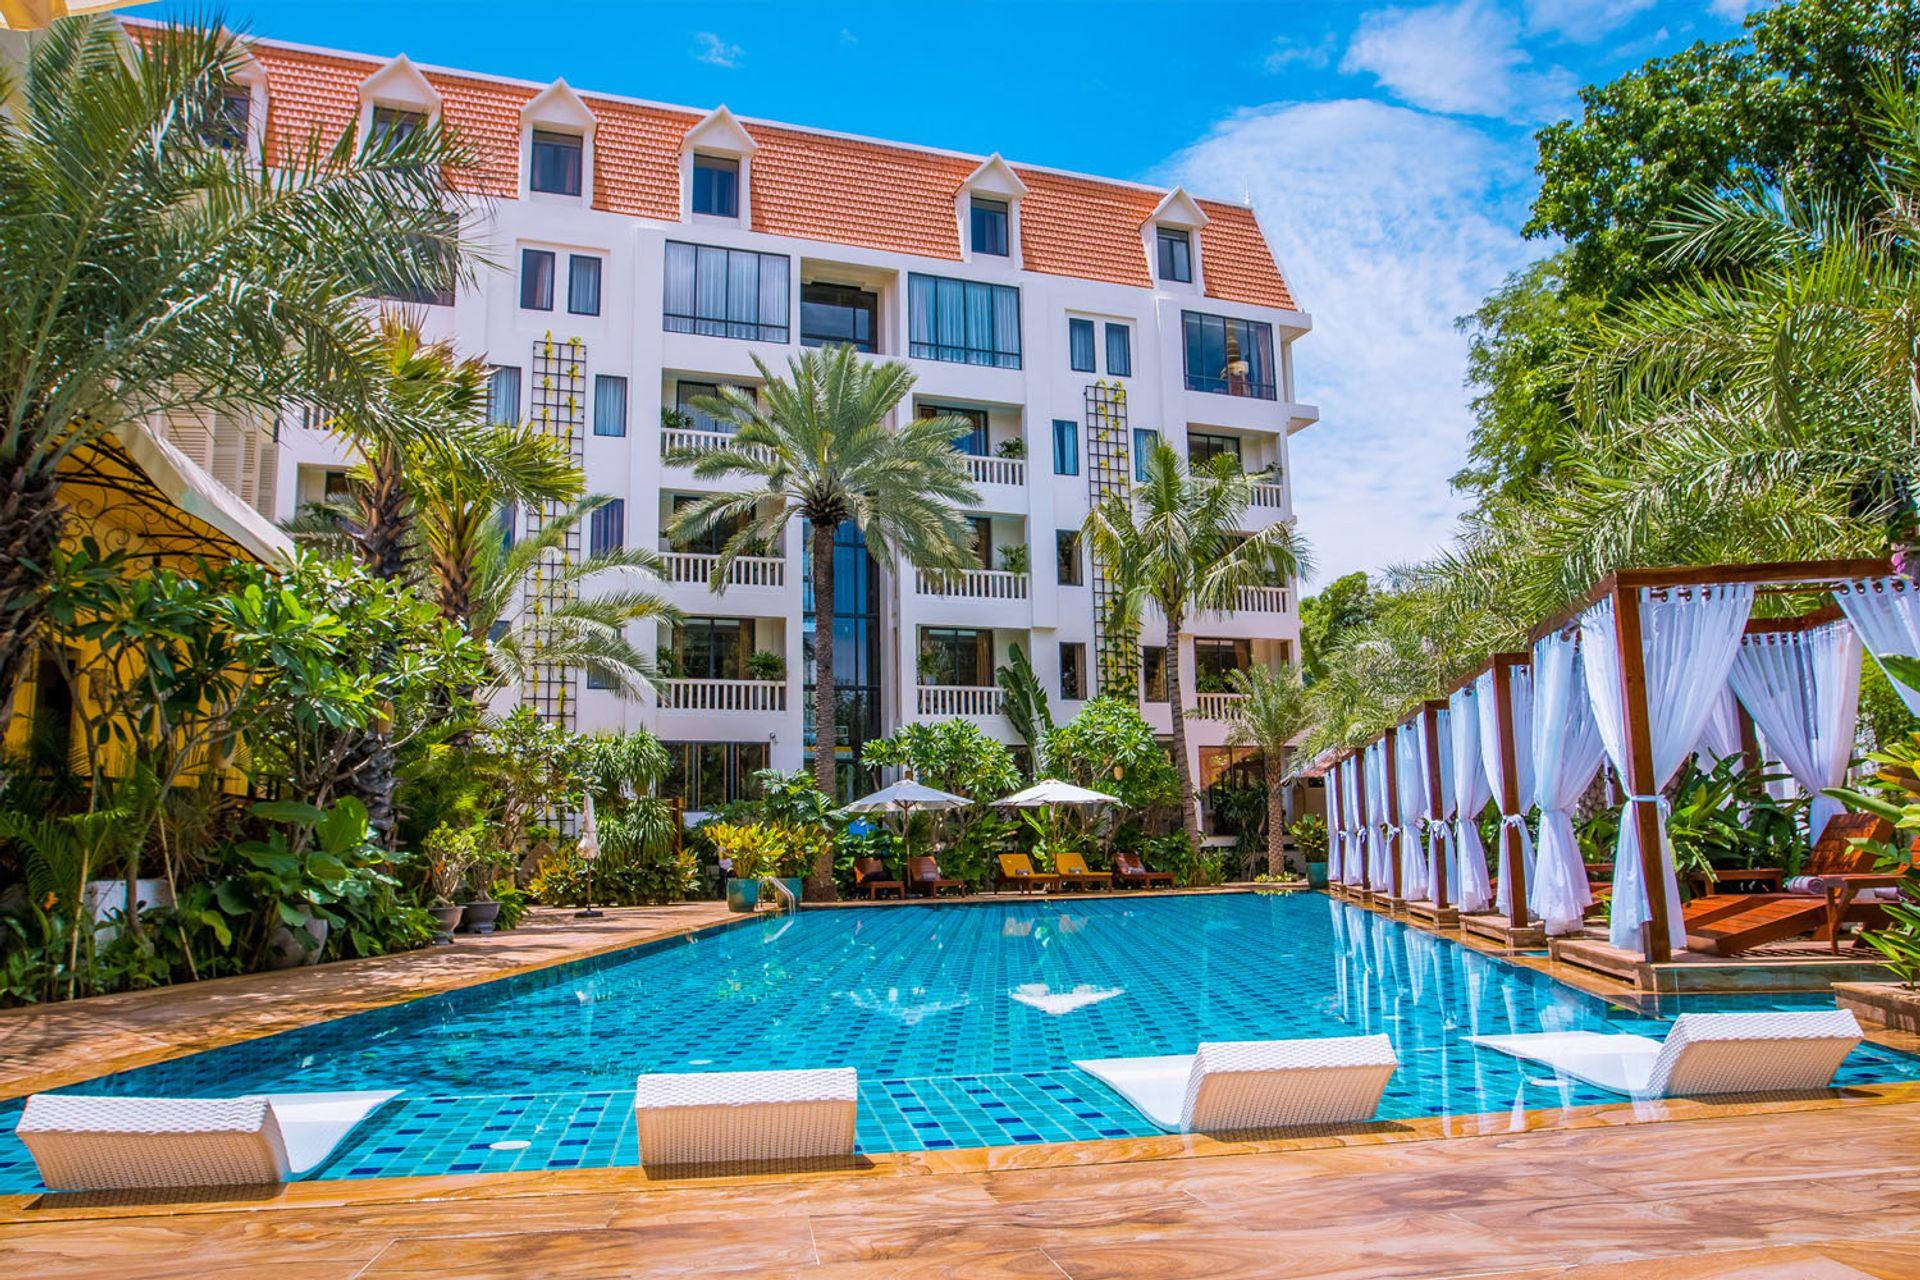 Khách sạn Palace Gate Hotel & Resort